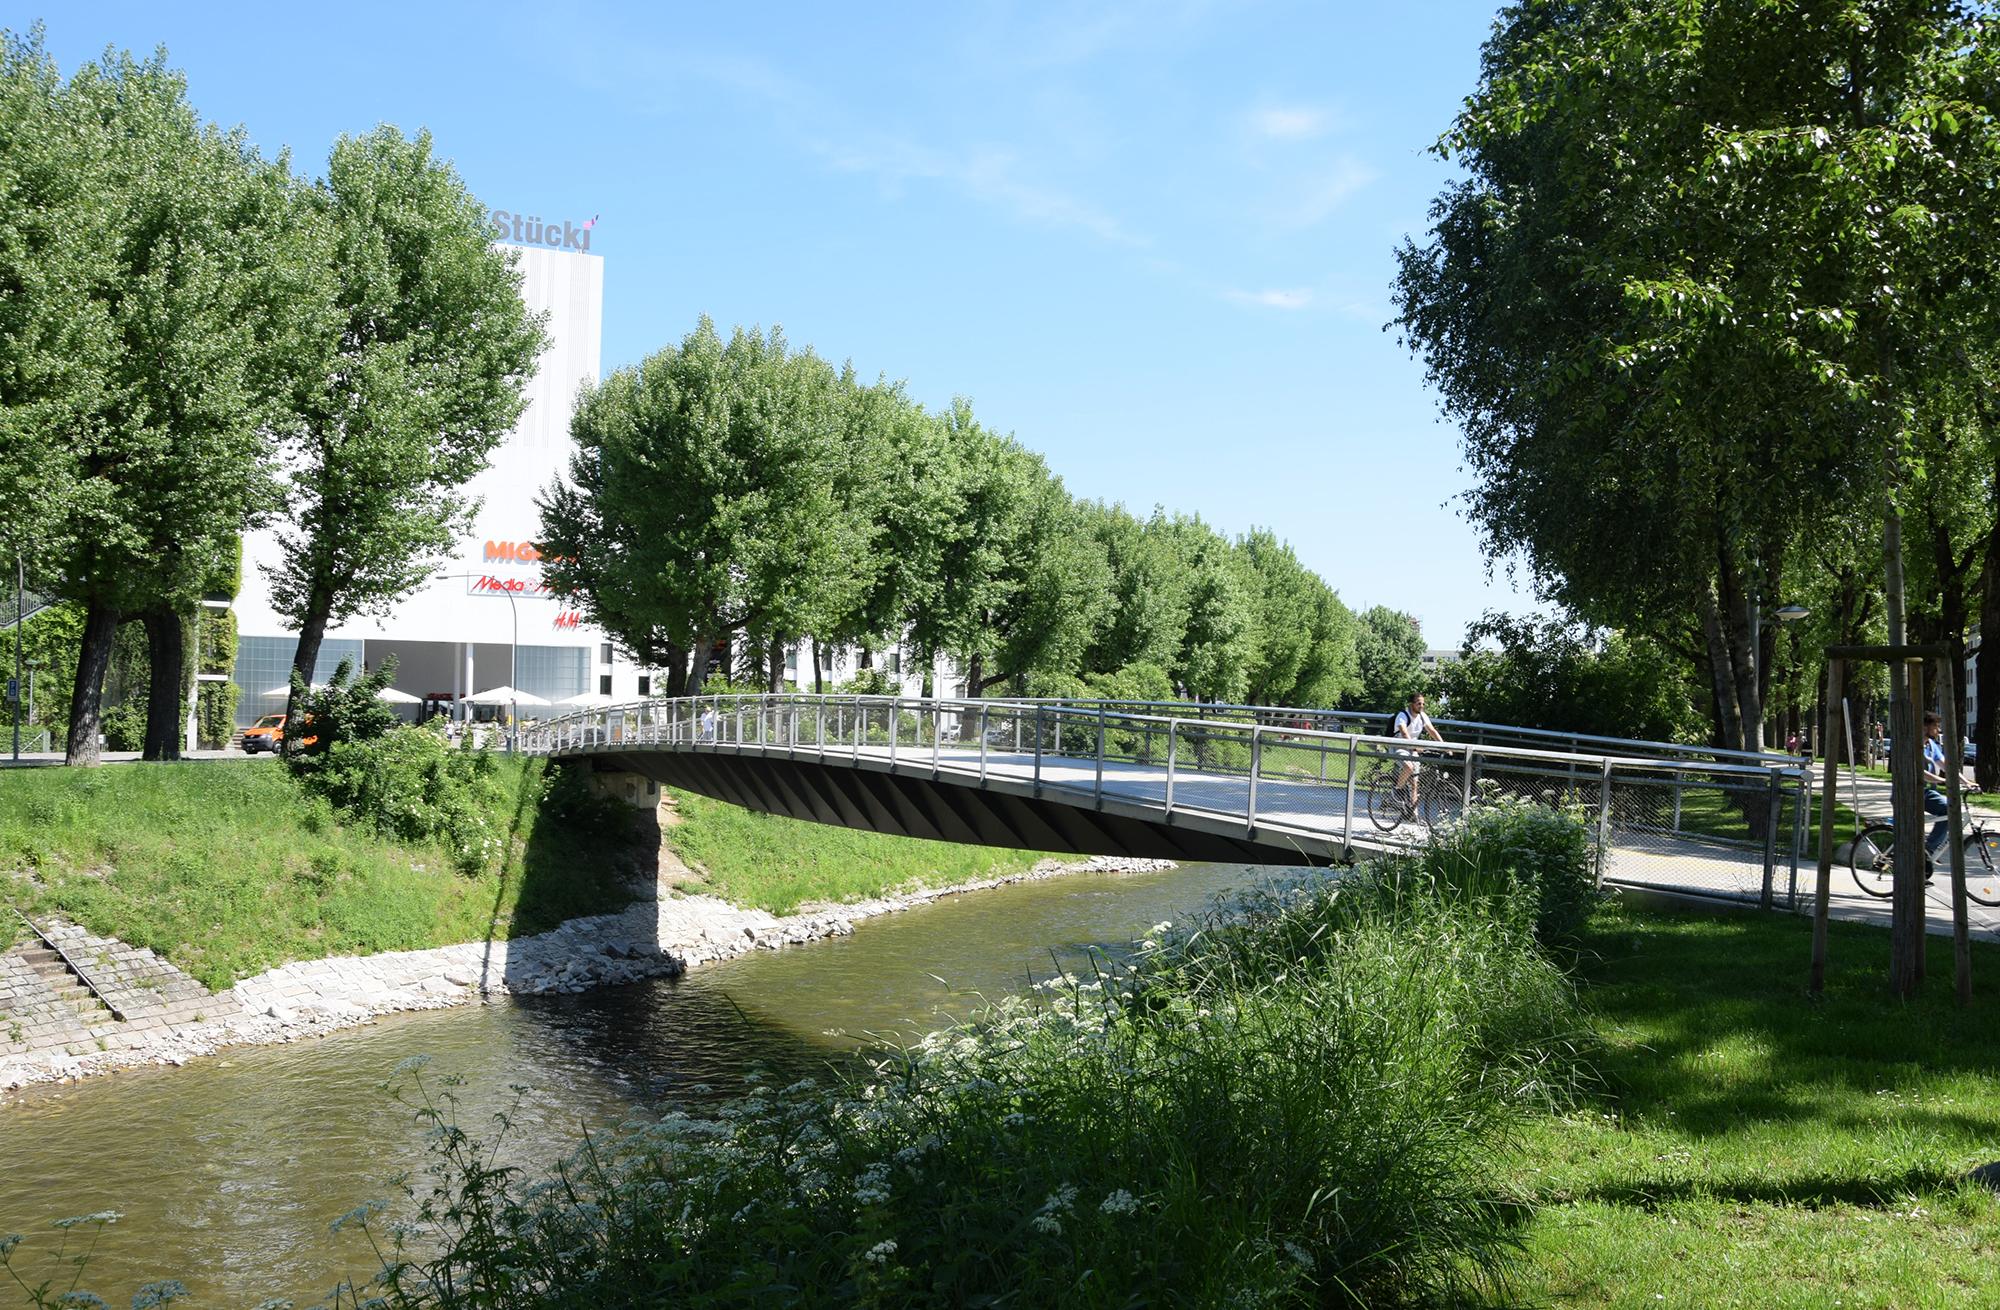 Brücke ins Glück: Der Stückisteg wurde von den Betreibern des Einkaufzentrums gebaut, damit auch Velofahrer den Weg in den Shopping-Tempel finden.